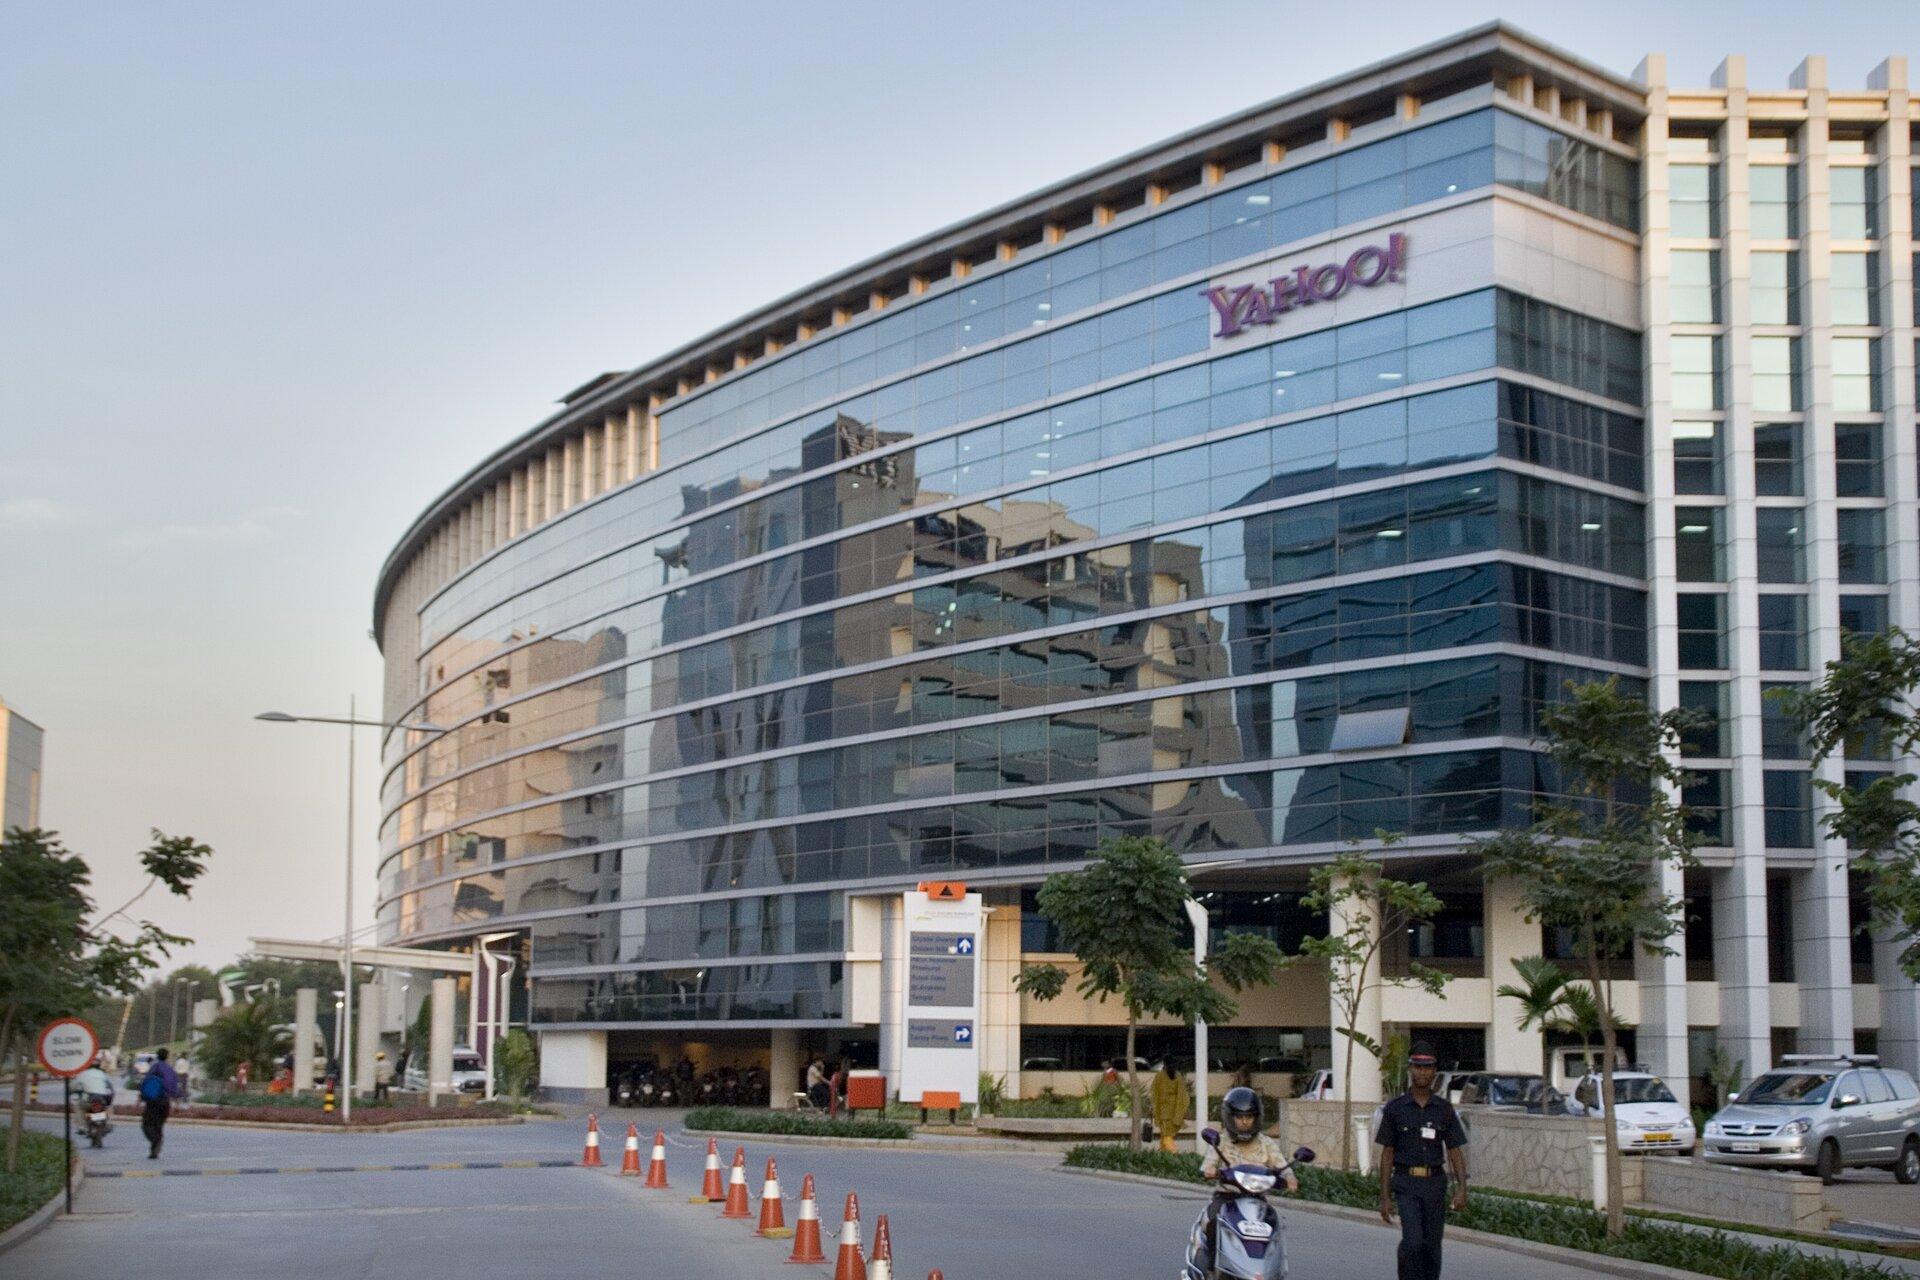 Na zdjęciu nowoczesny budynek biurowy odużej przeszklonej fasadzie. Napis: Yahoo! Przed nim parking, zadbana zieleń.